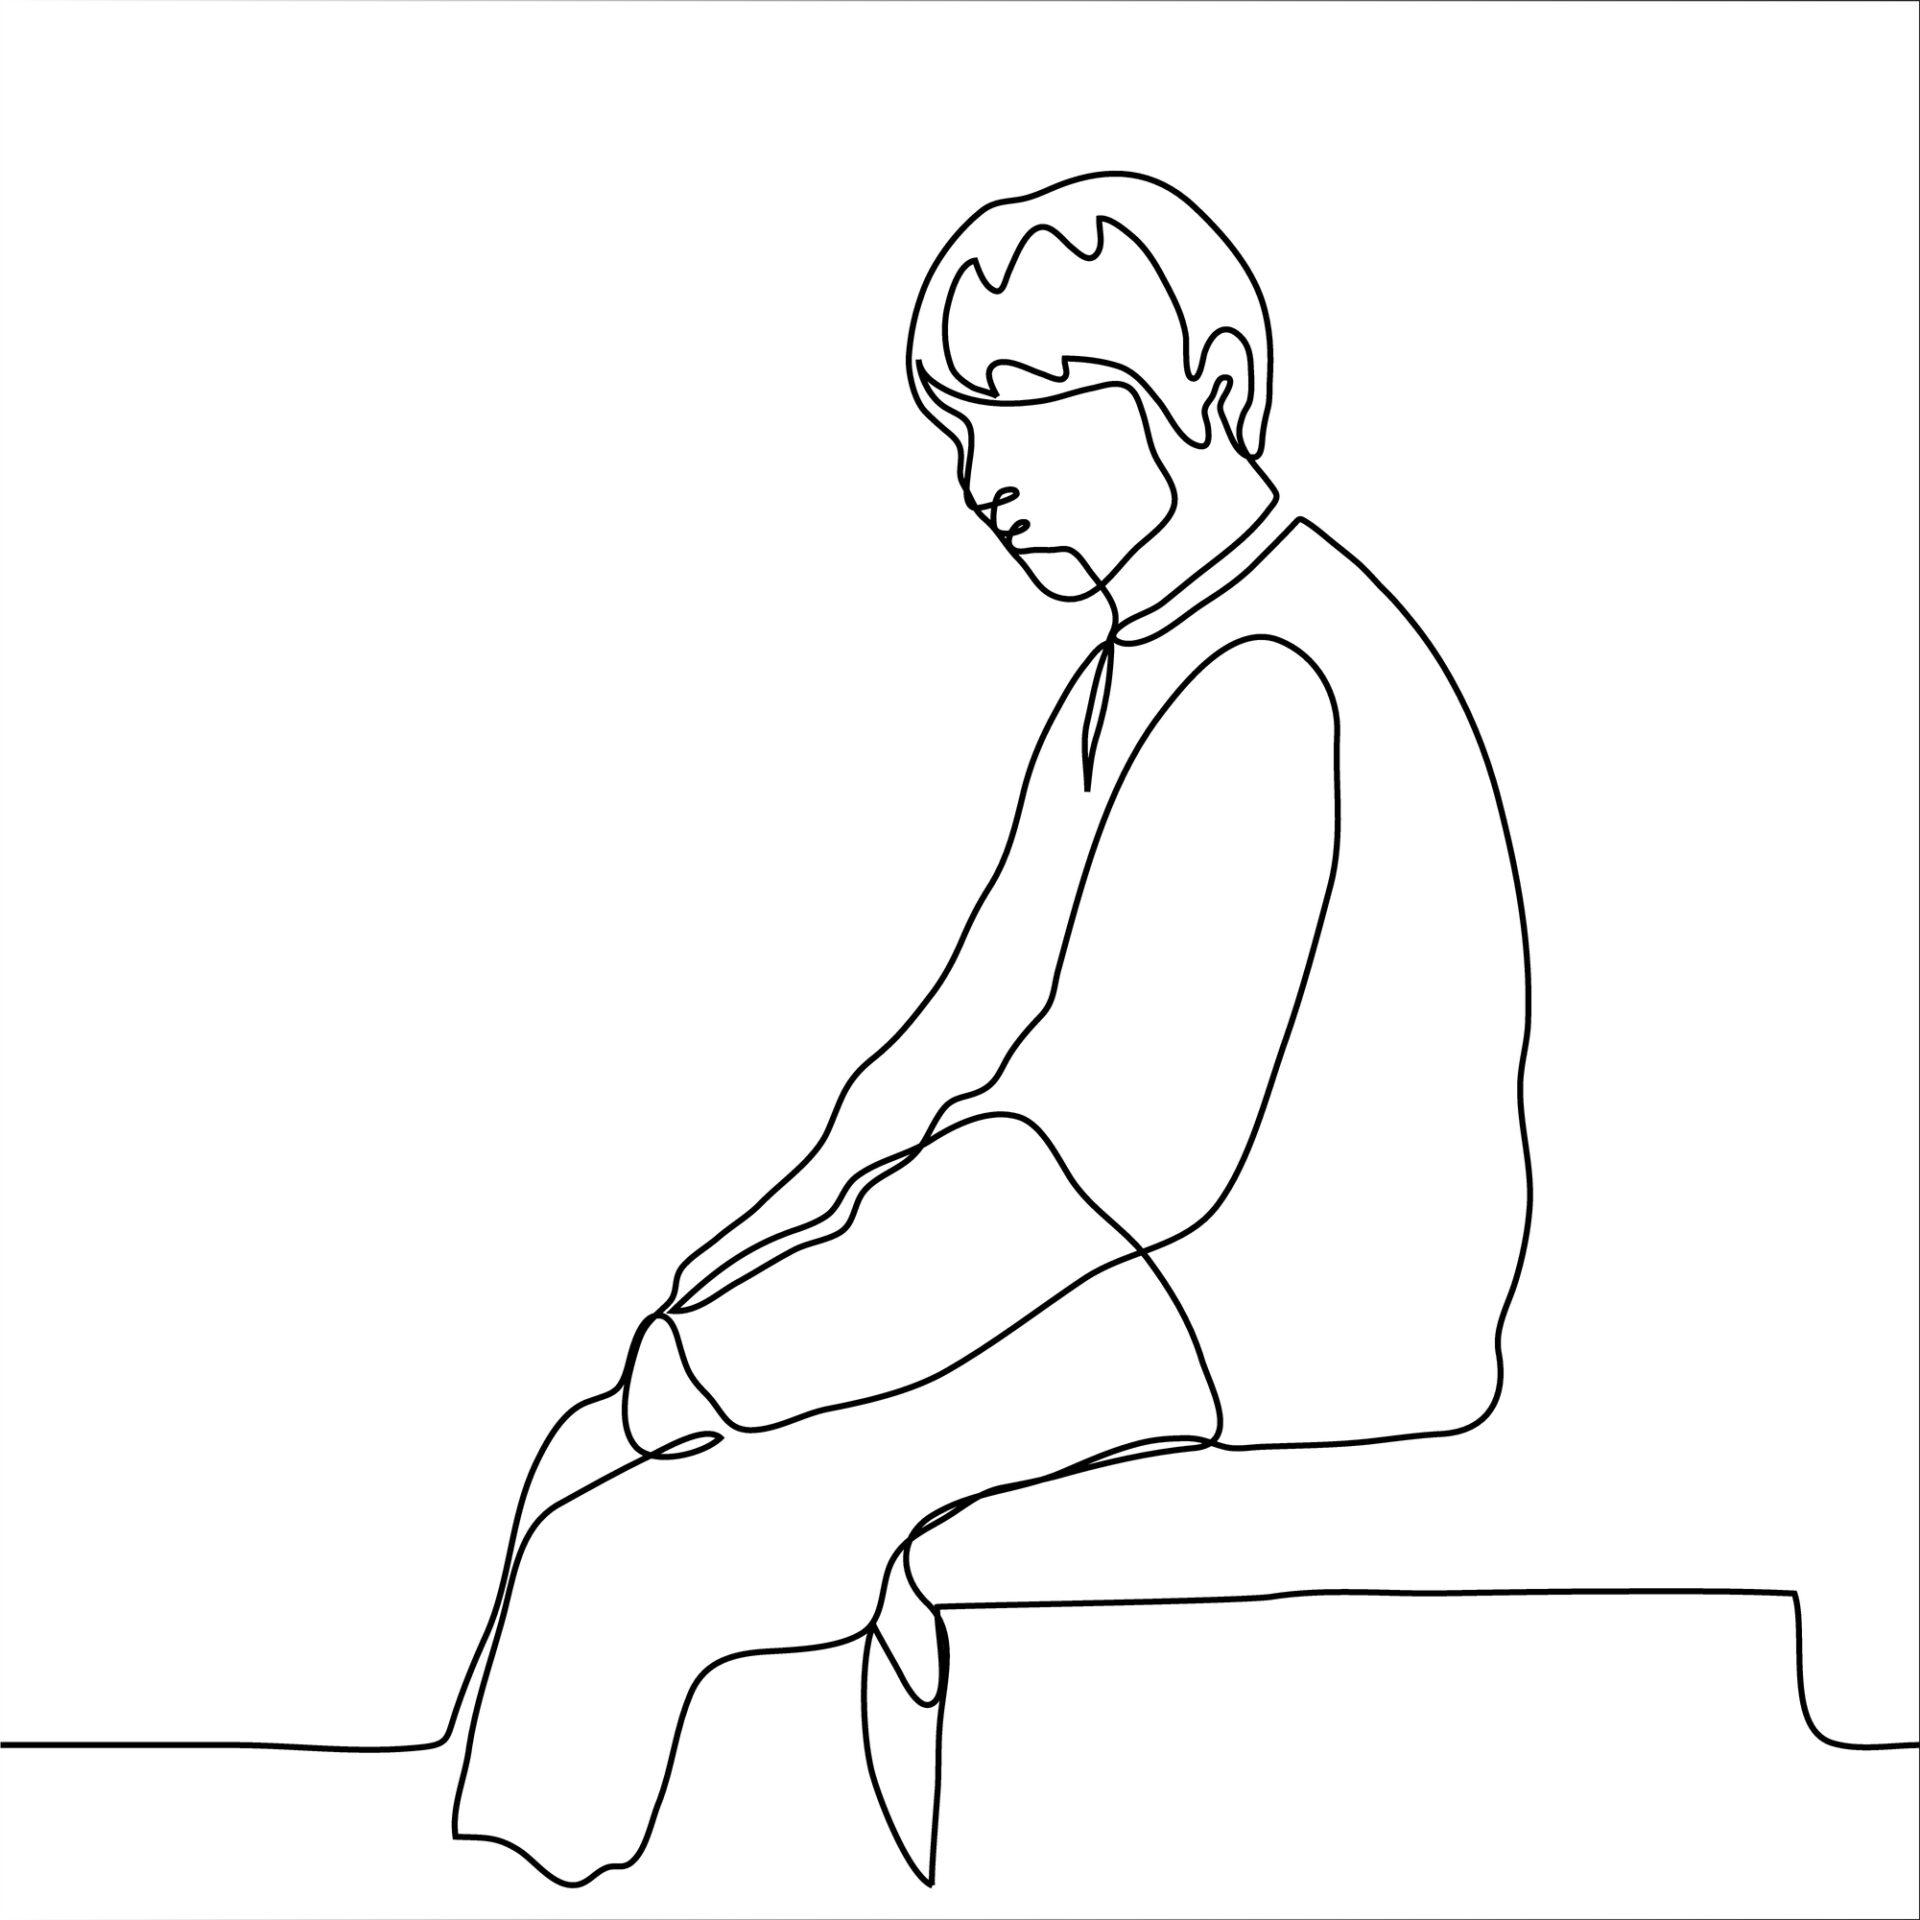 viata-dupa-infarct-la-37-de-ani-nici-infarctul-nu-m-a-scos-din-depresie simptome infarct